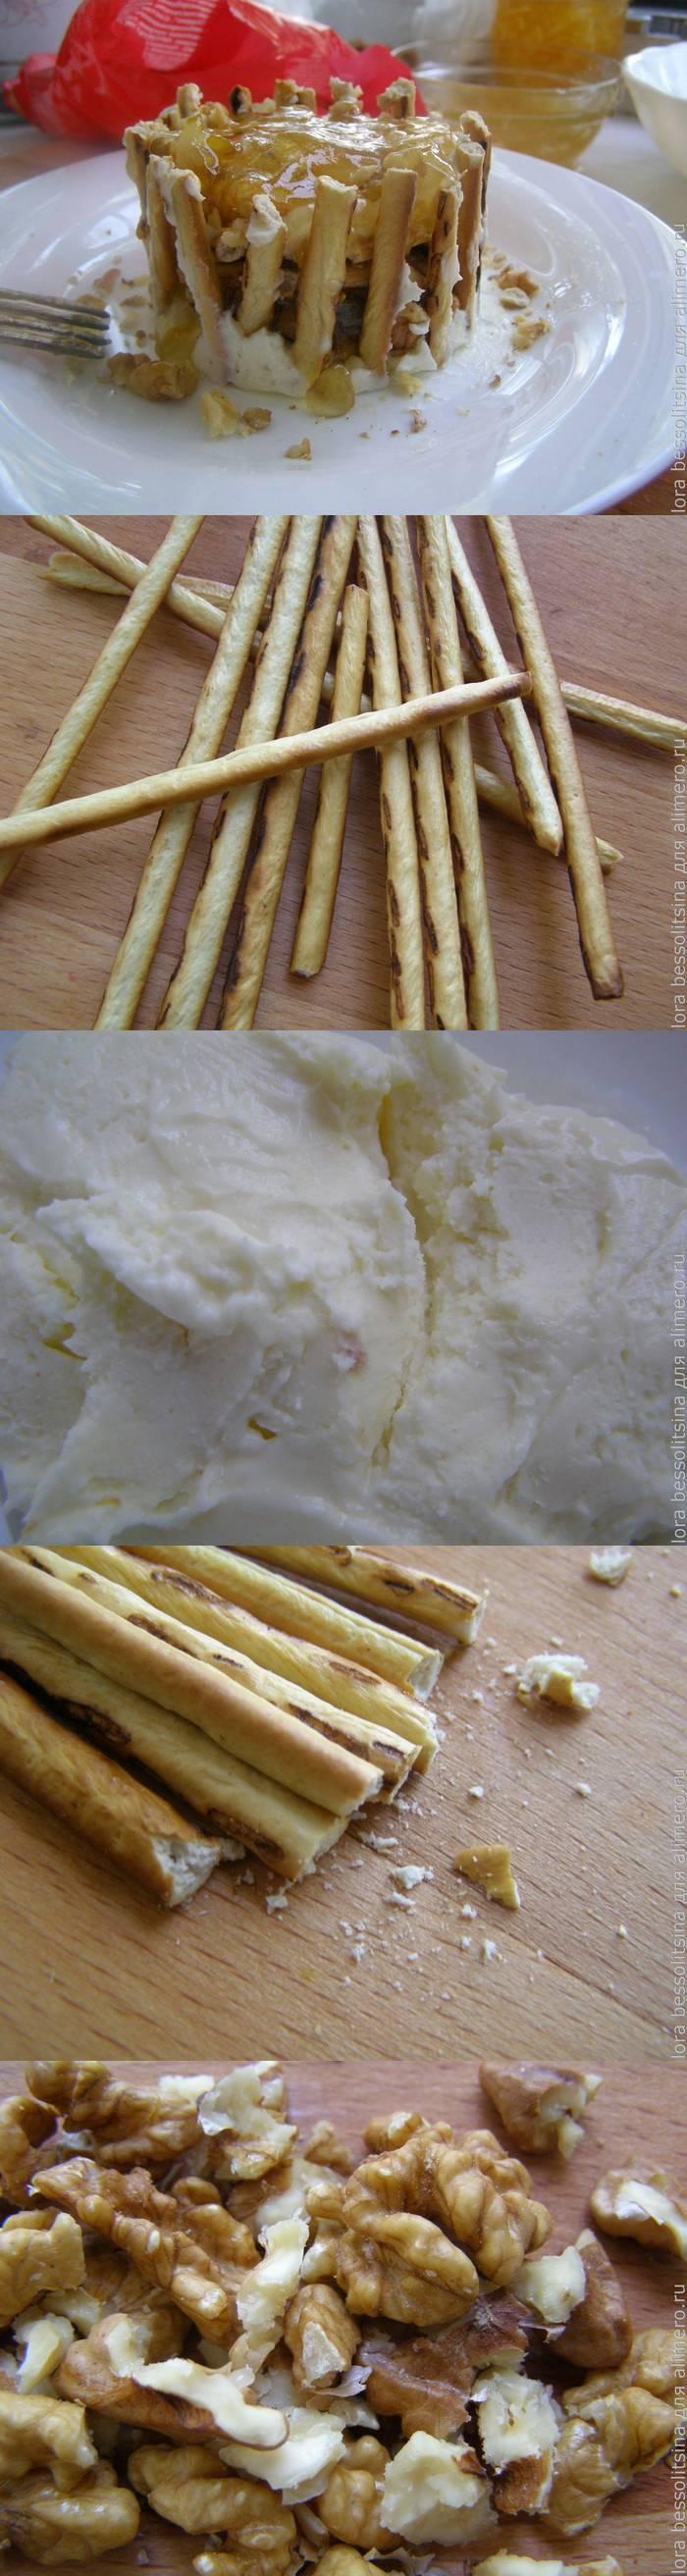 Творожный десерт с орехами